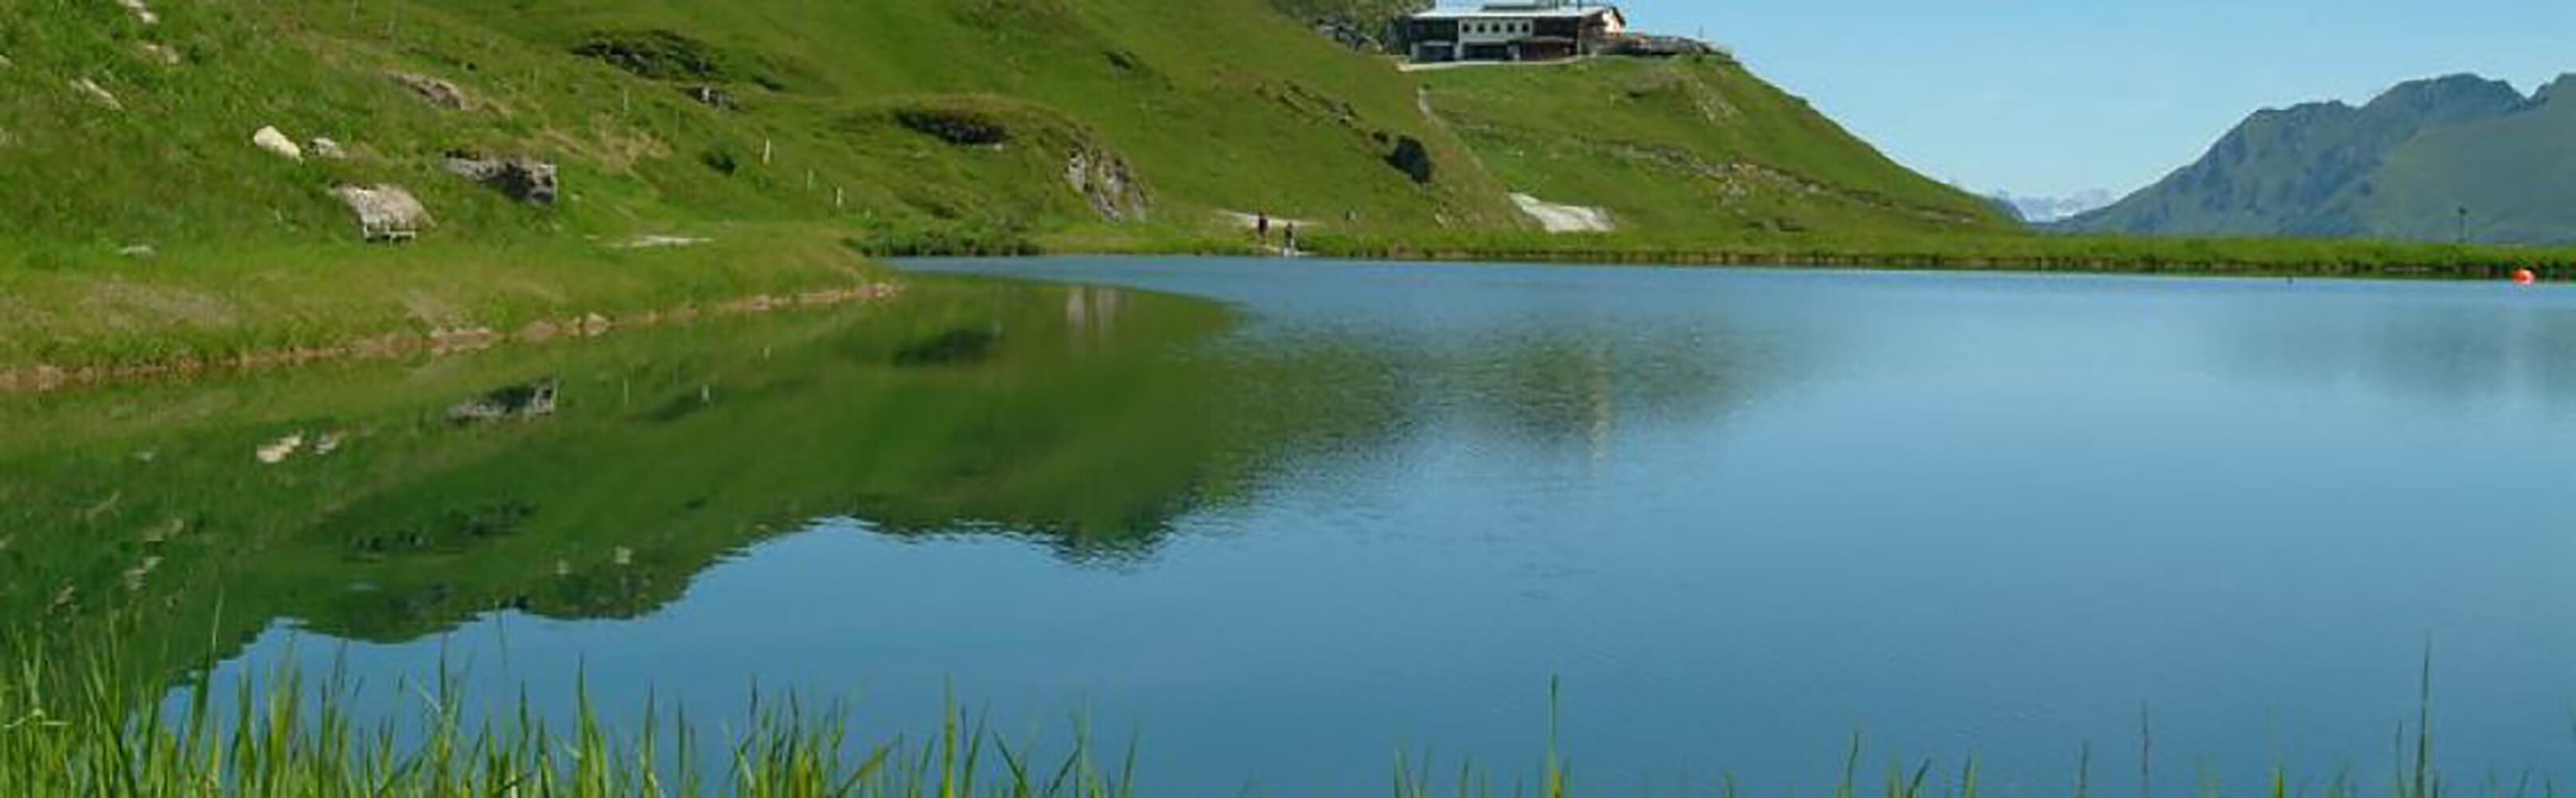 Ferienregion Gastein im Salzburgerland 1